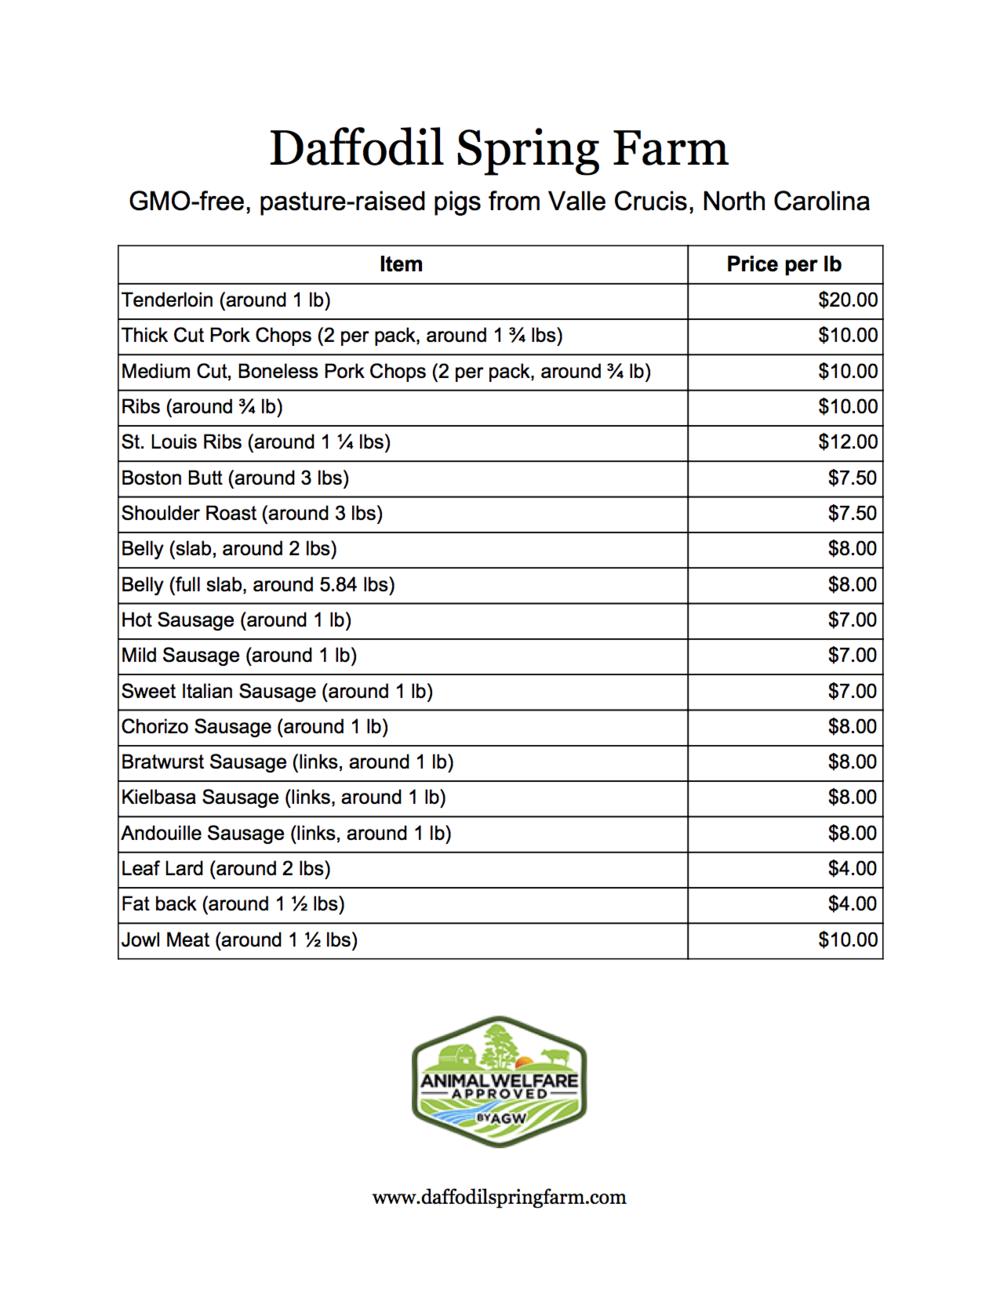 DaffodilSpringFarm_PriceSheet_Spring2018 (1).png